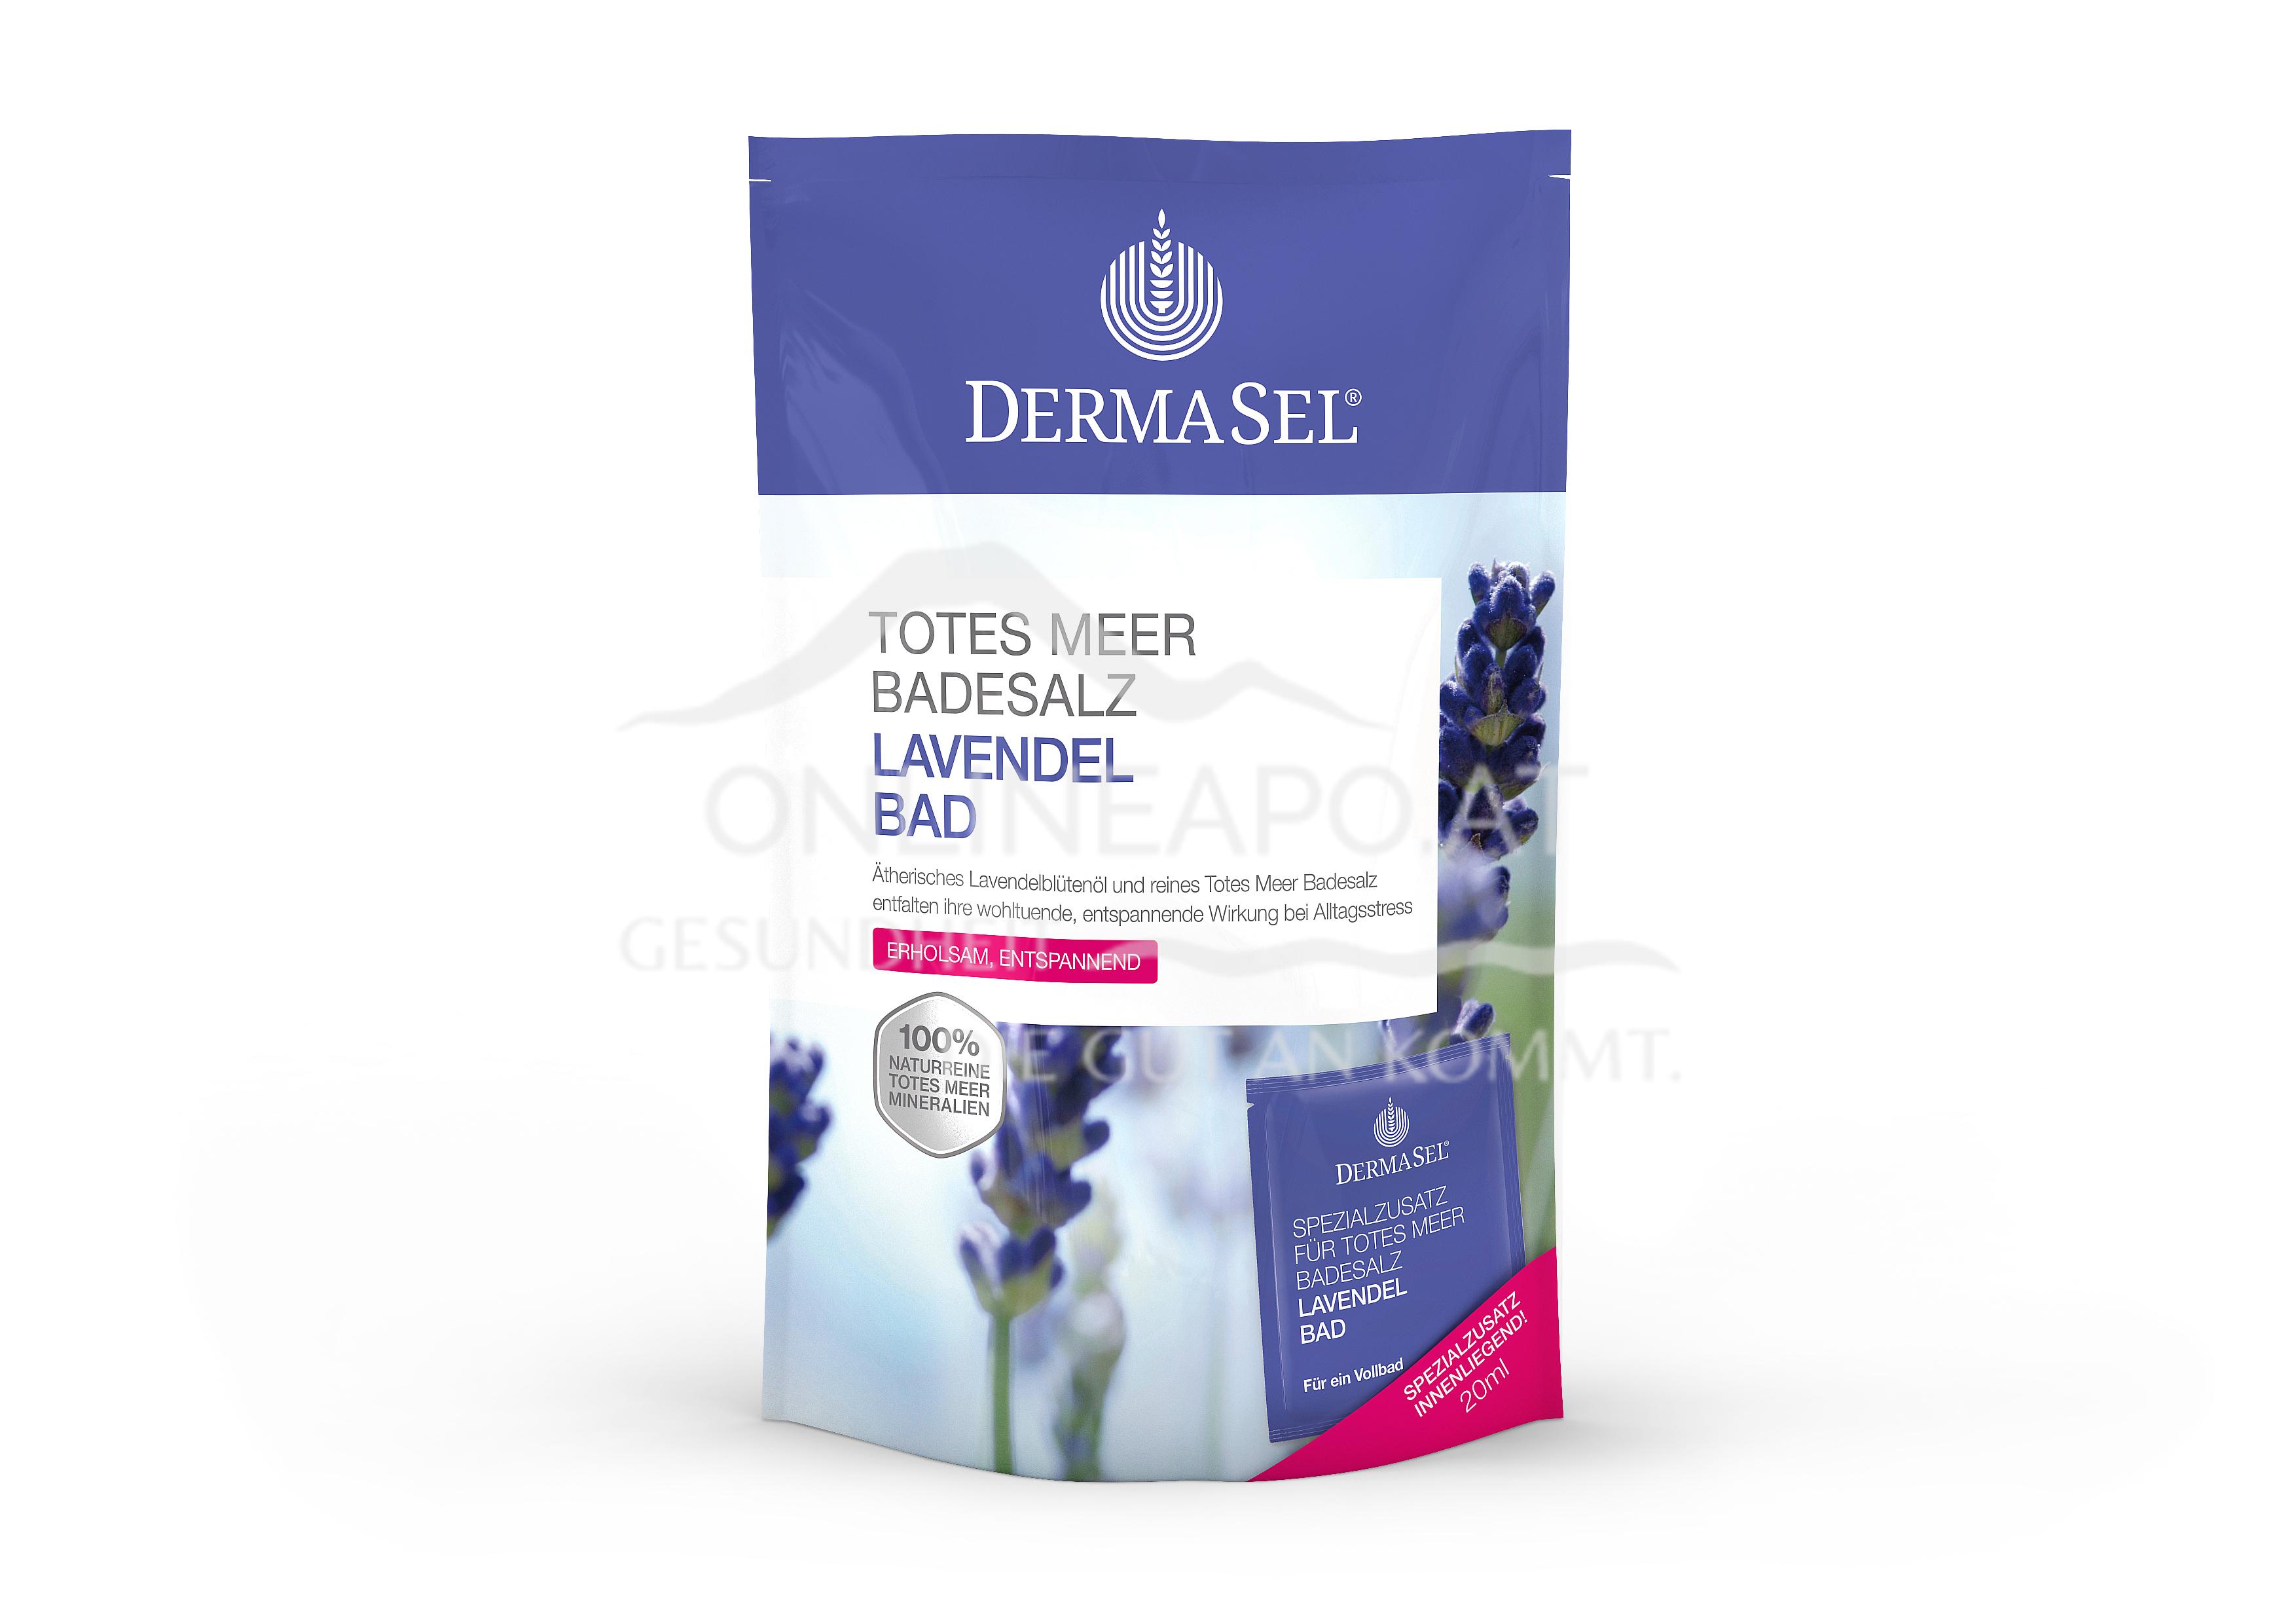 Fette Dermasel Badesalz Lavendelbad